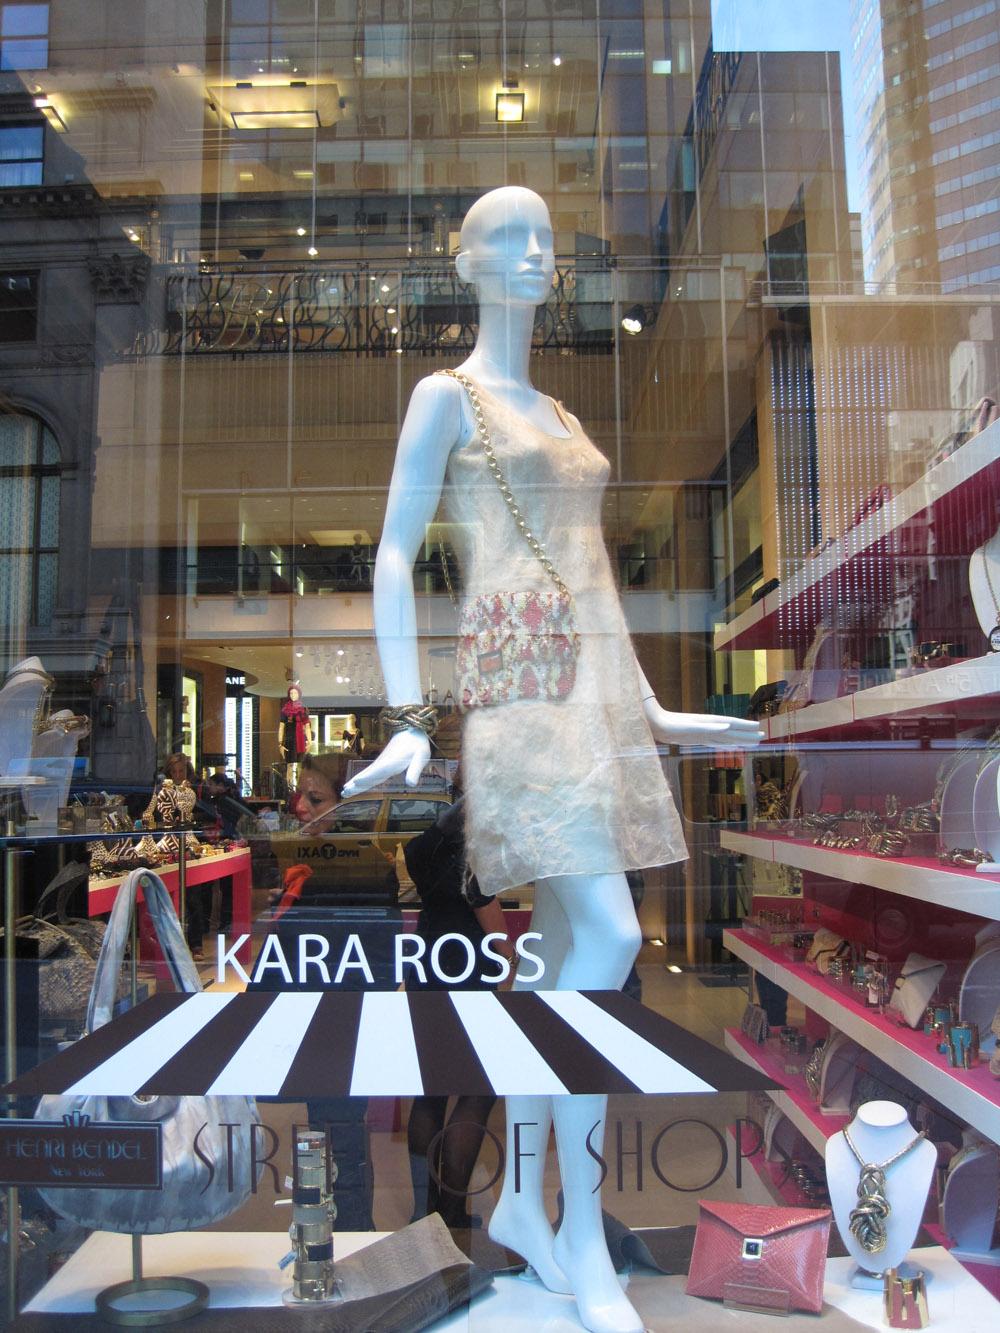 Kara new york clothing store